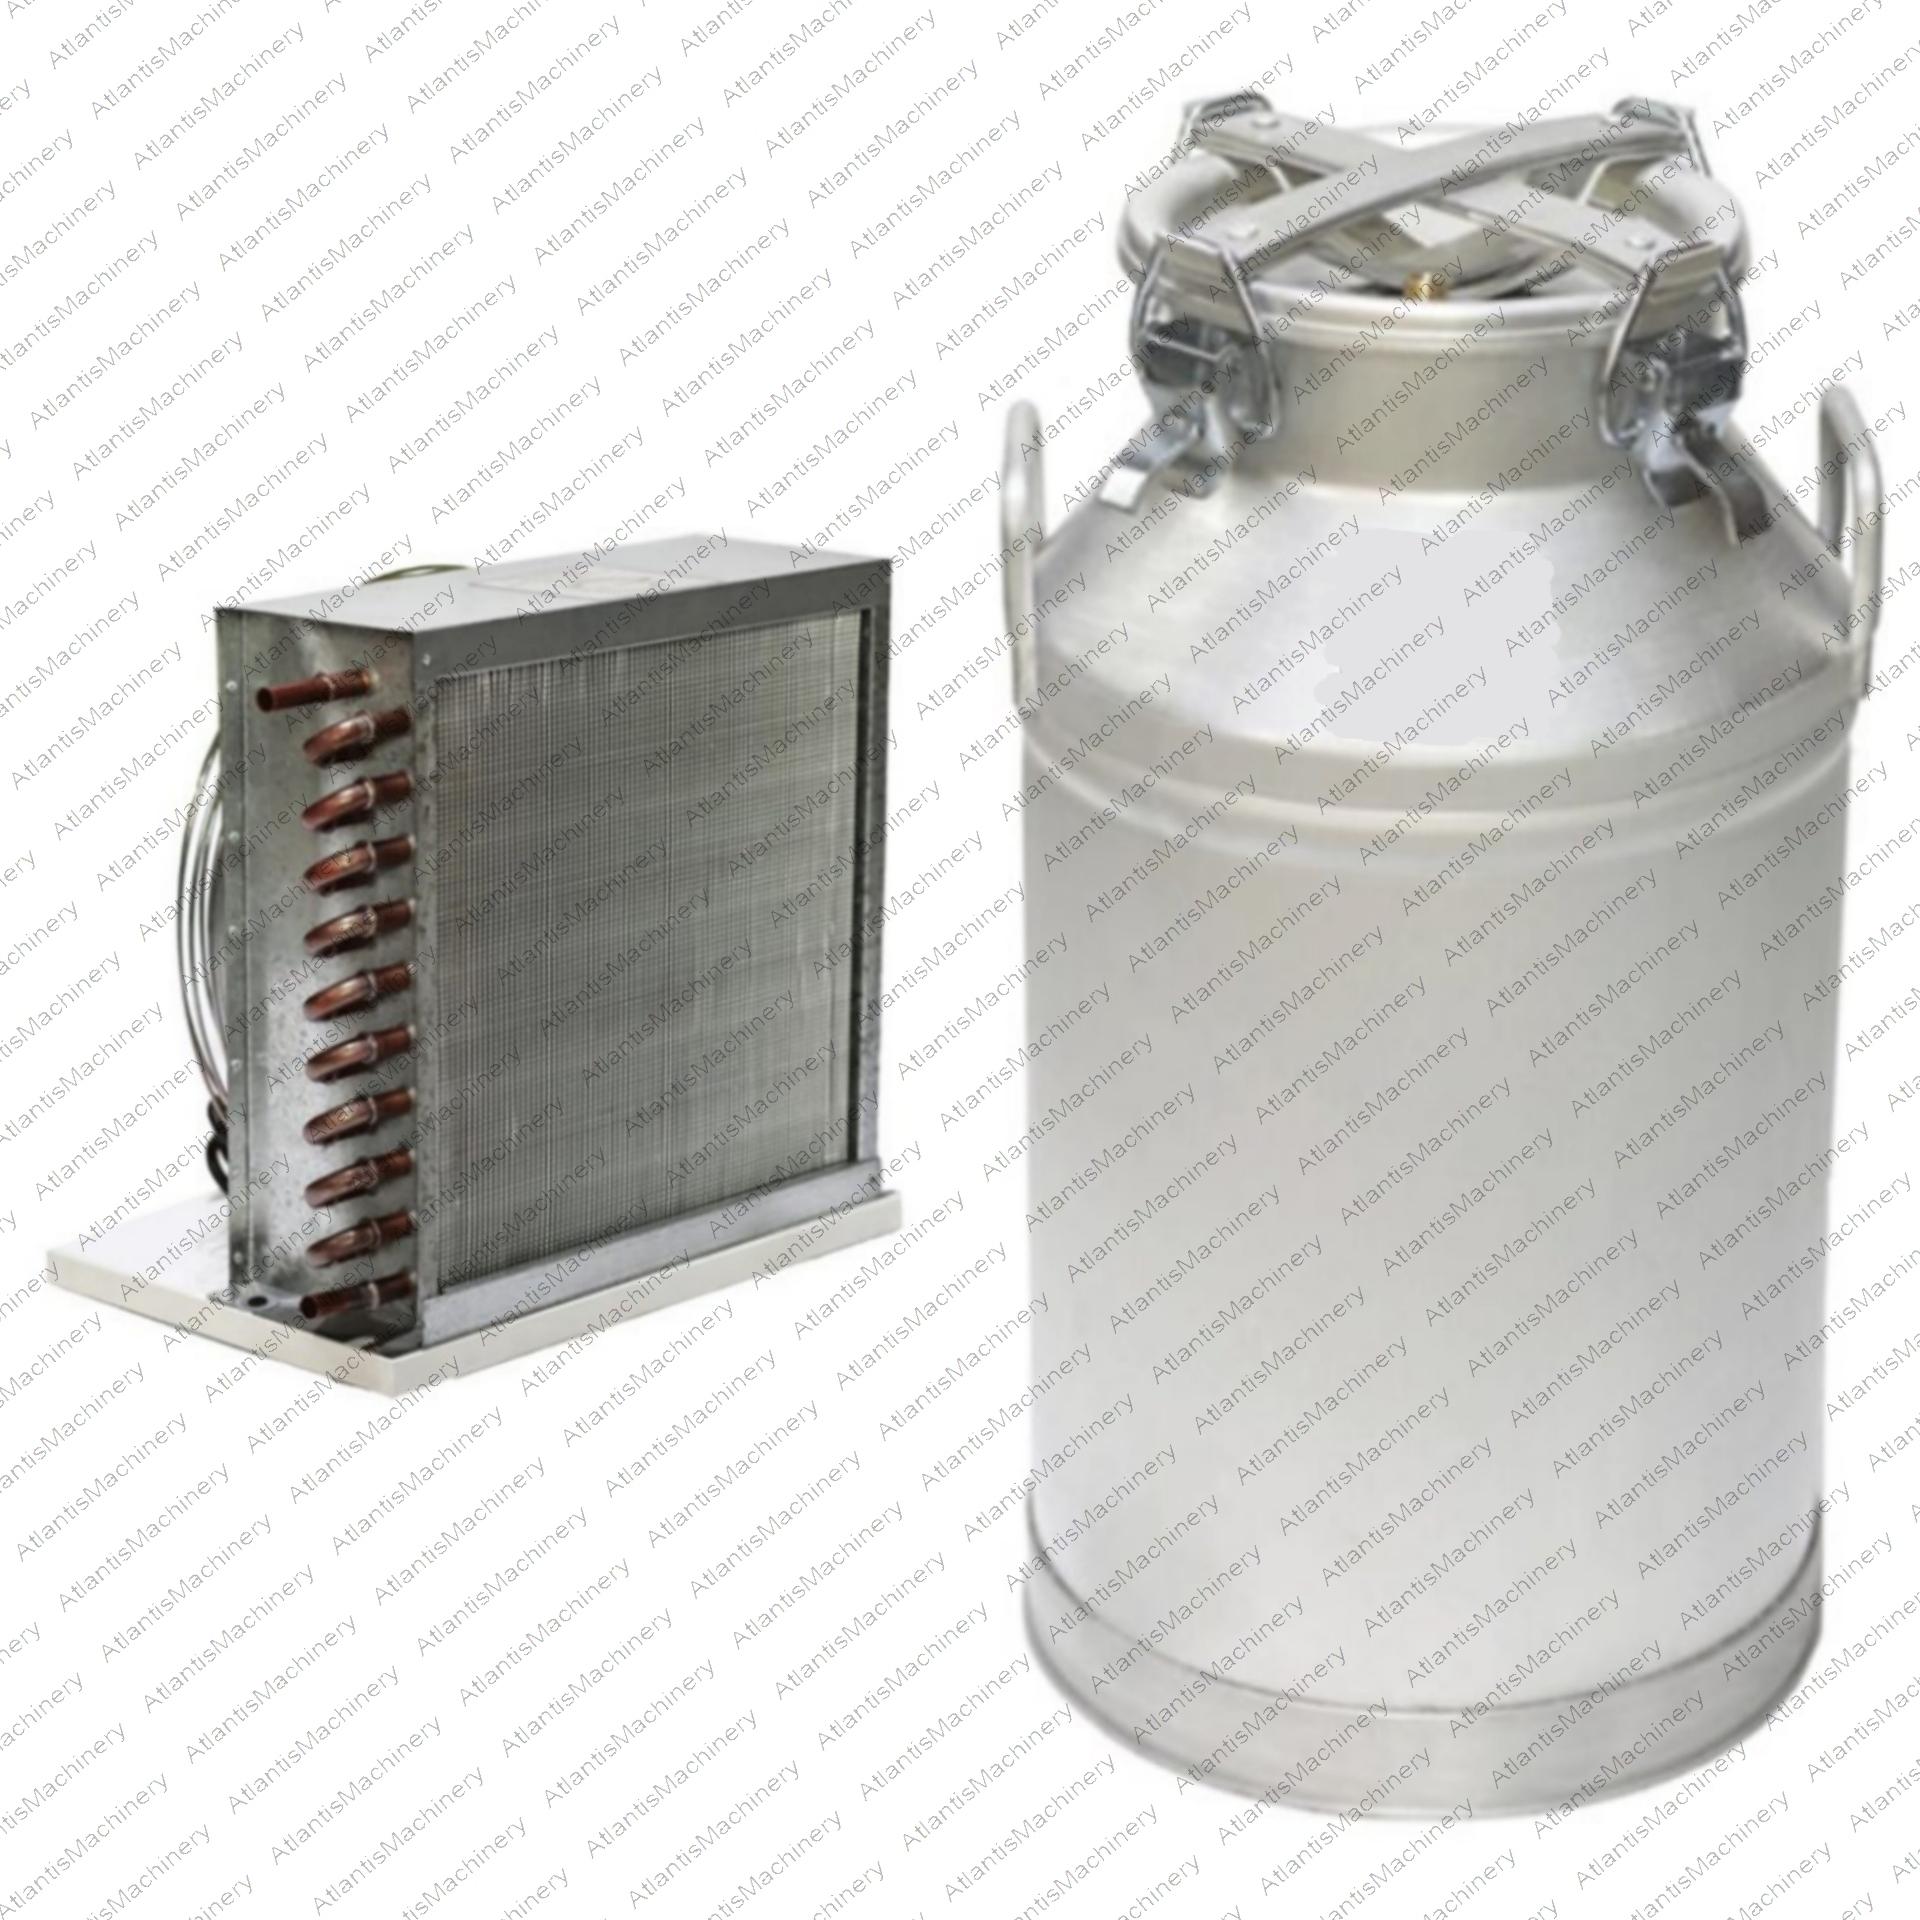 دستگاه تقطیر(عرق گیر/گلاب گیر) 50 لیتری با کندانسور(خنک کننده) برقی مسی